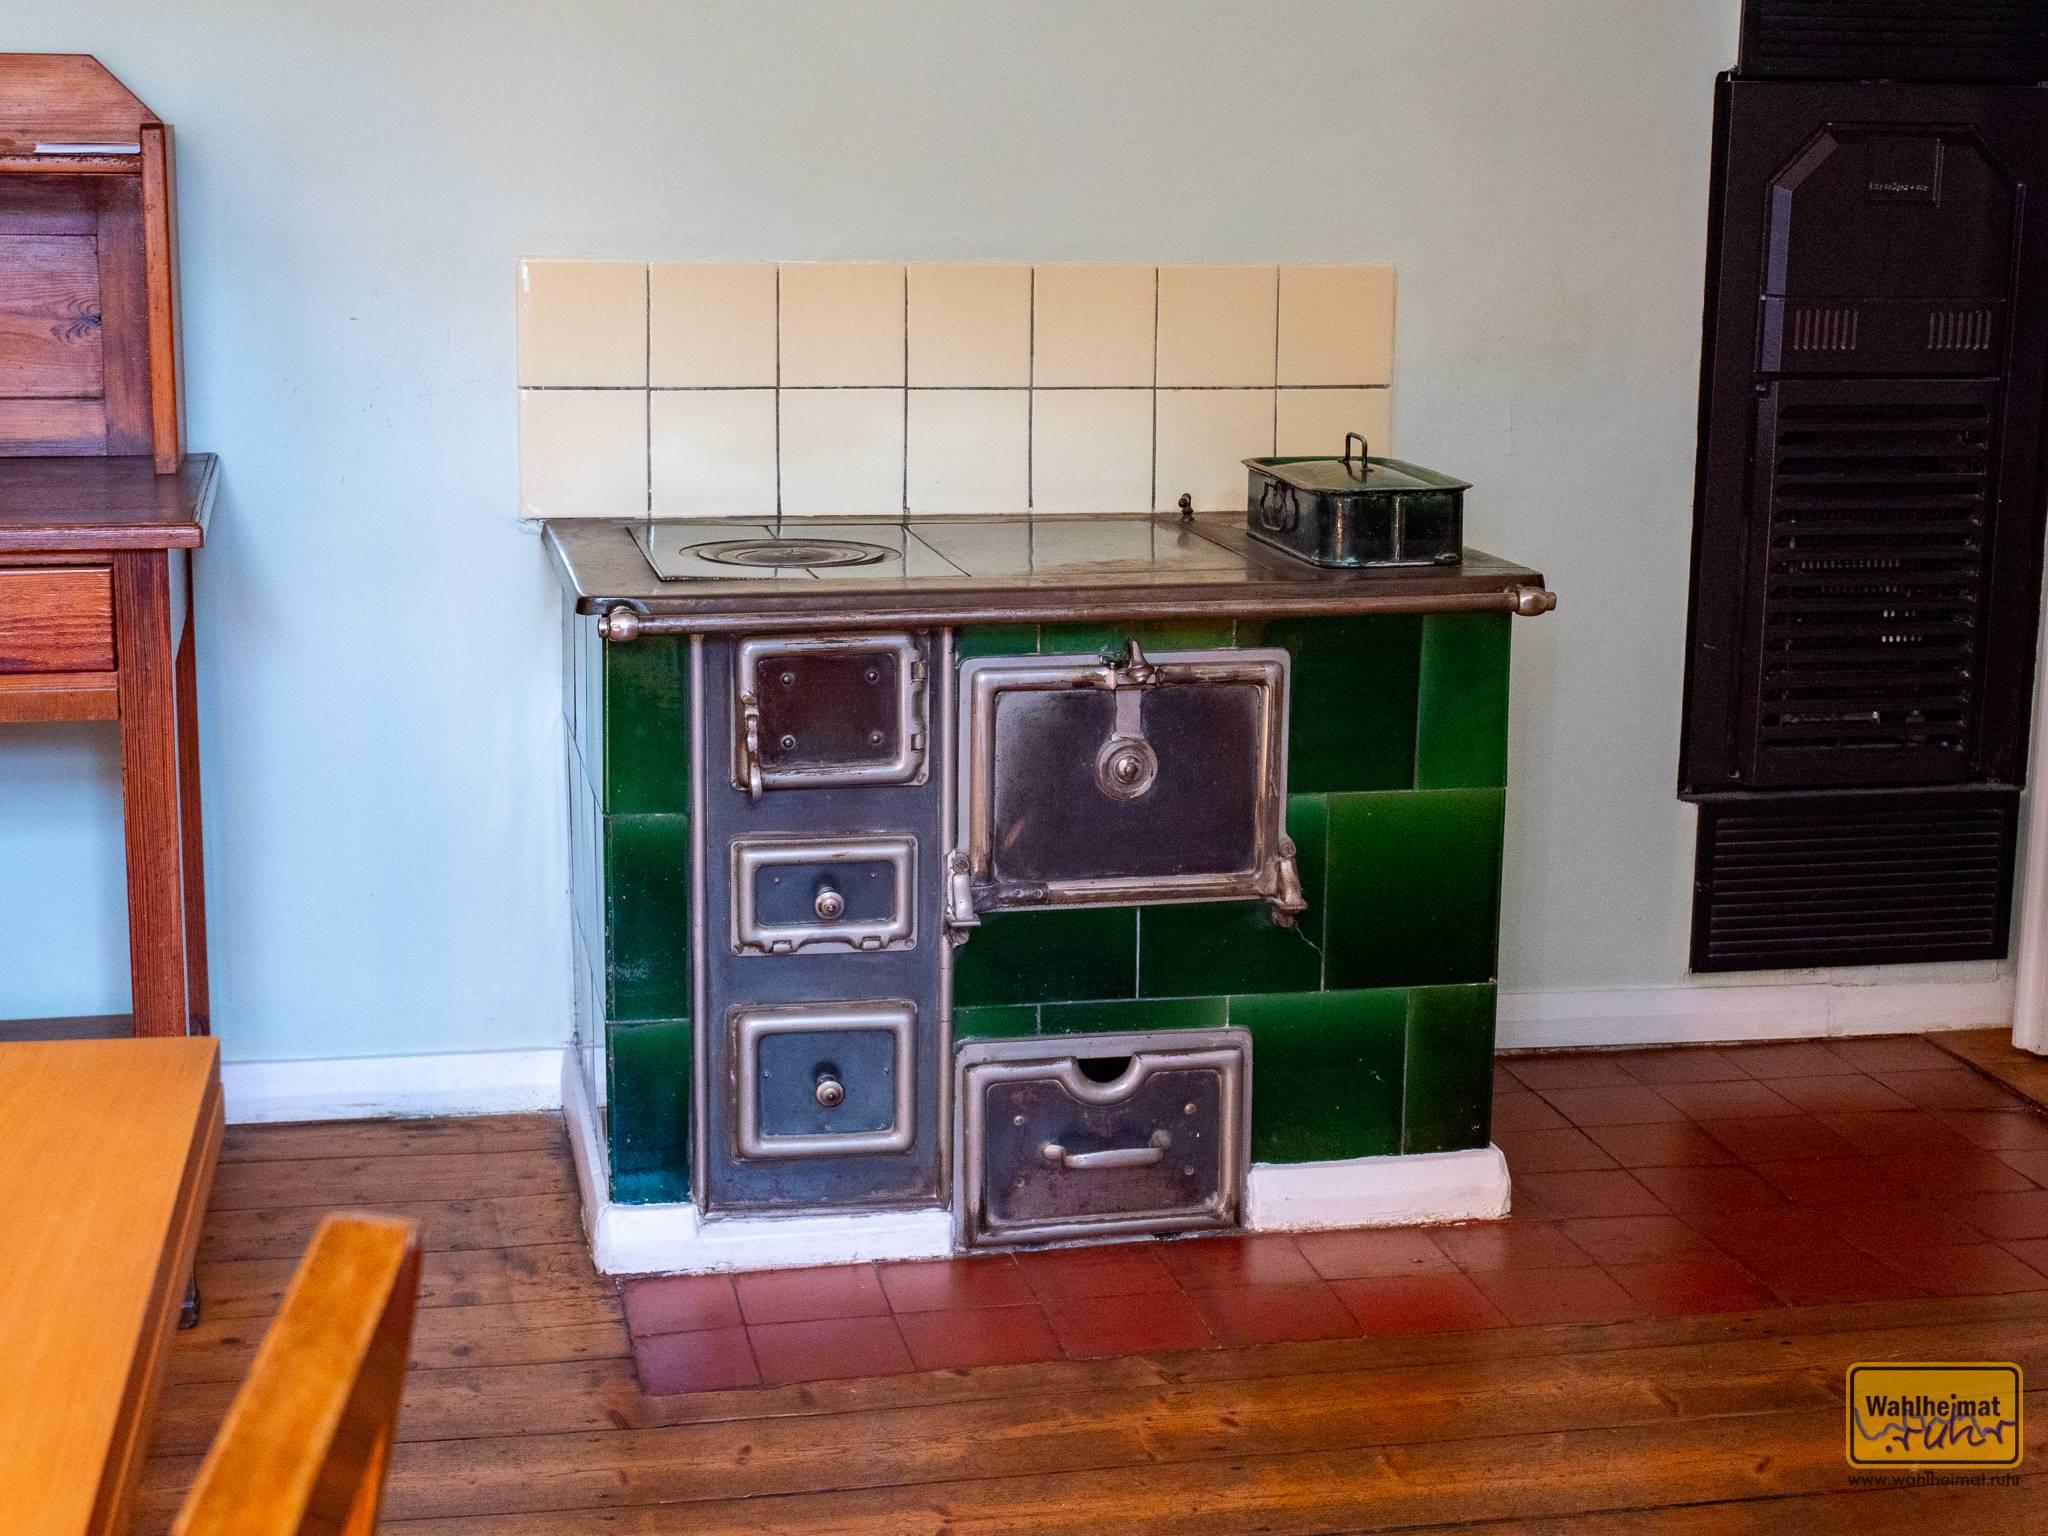 Die Hausfrau kochte hier für ihre Familie und die Kostgänger auf Kohle-Basis.